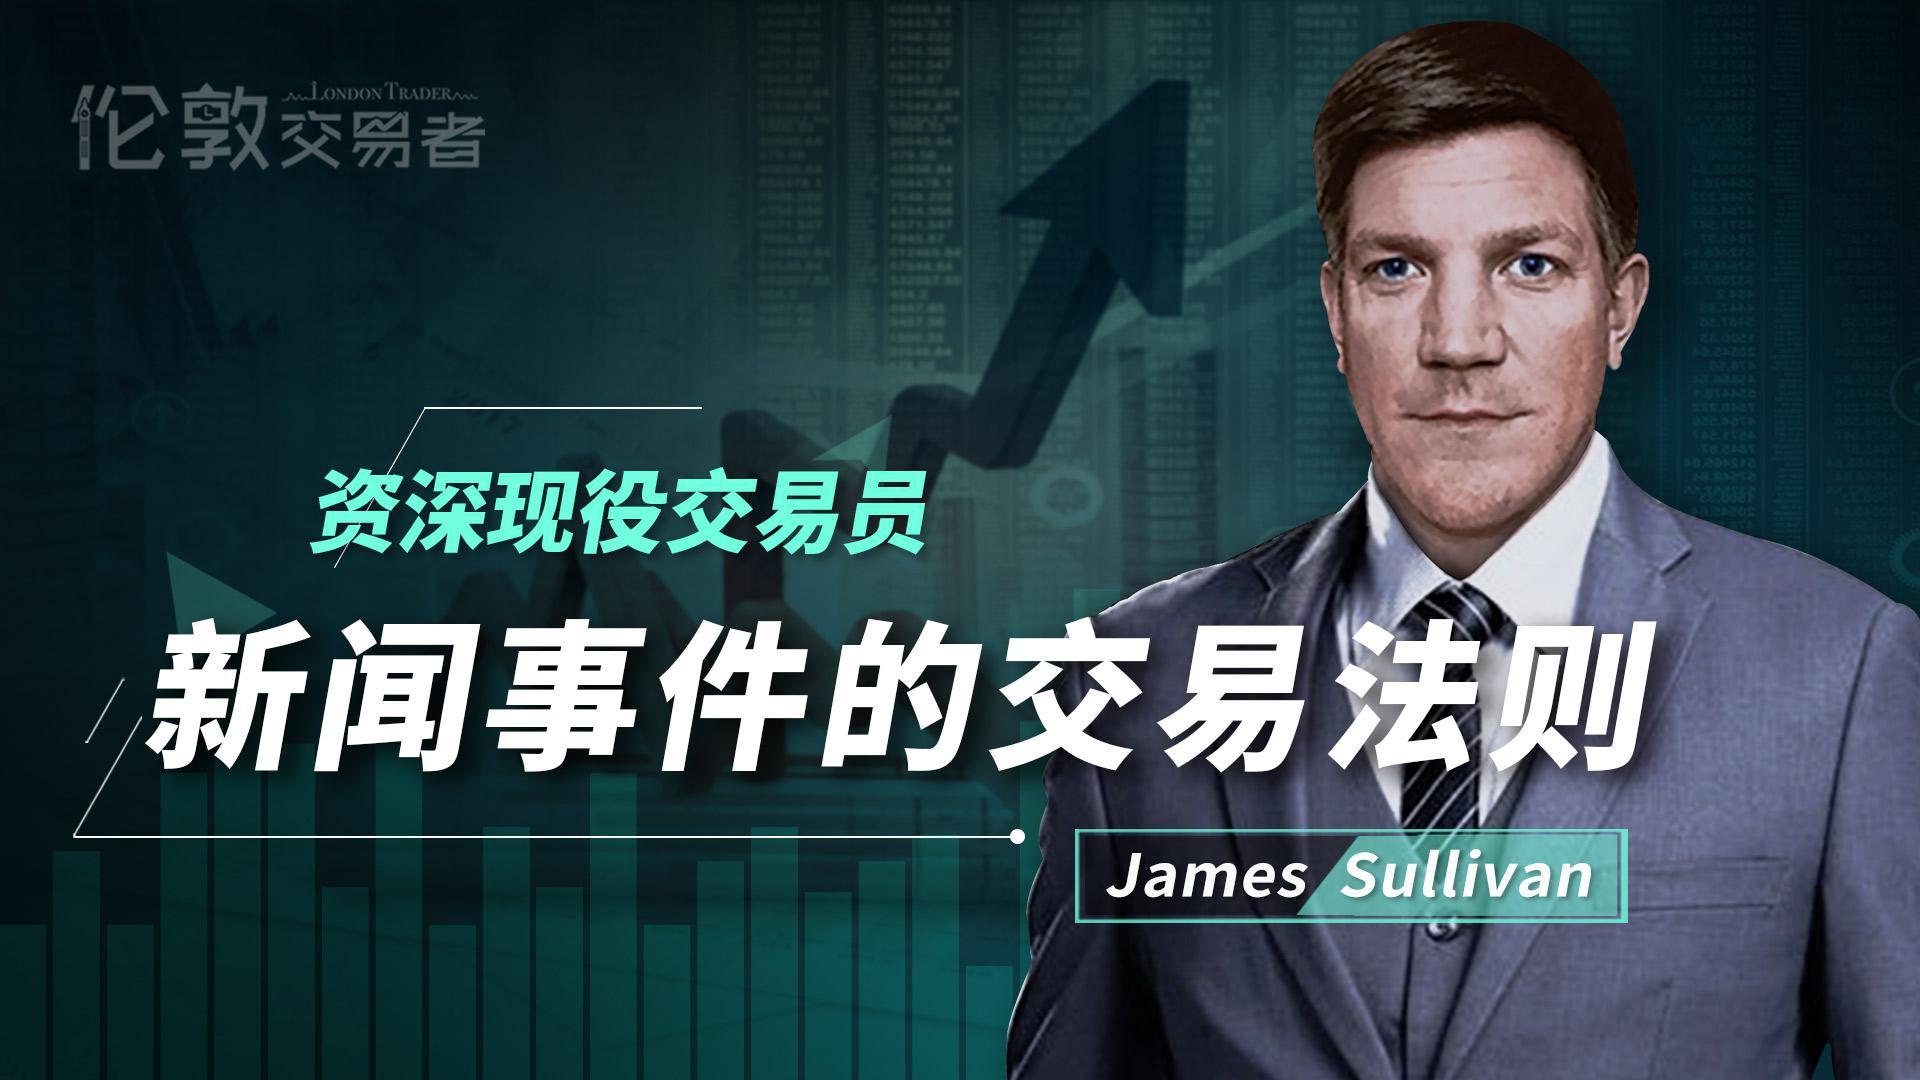 """金融危机下的交易""""潜规则"""",低概率、大风险、高盈利?"""